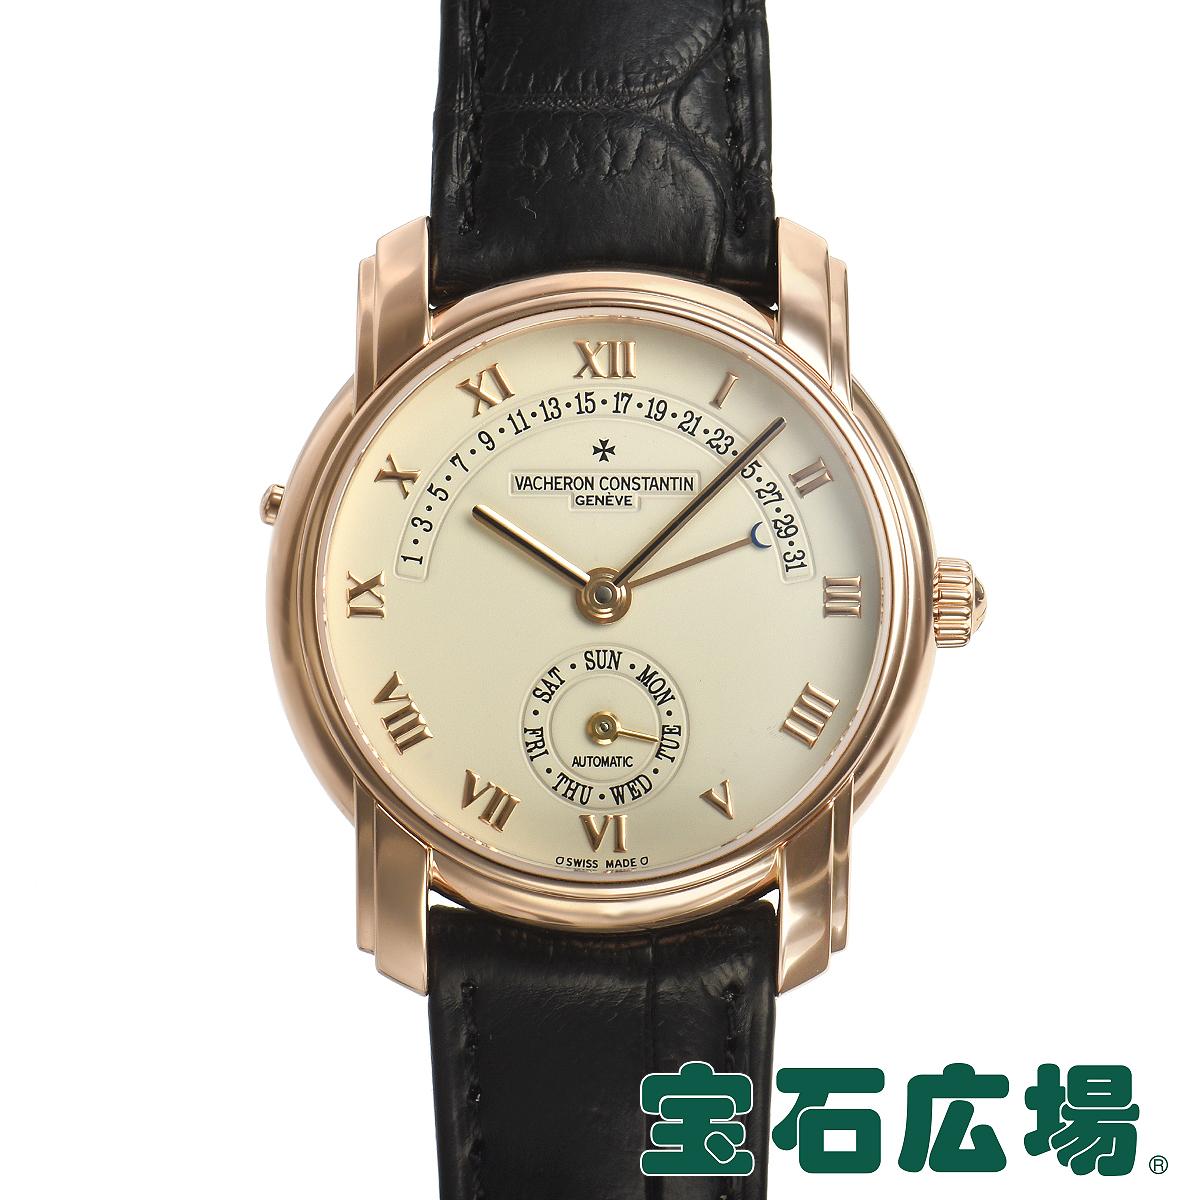 ヴァシュロンコンスタンタン VACHERON CONSTANTIN パトリモニー 31カウントダウン 47245/000R-8752【中古】メンズ 腕時計 送料・代引手数料無料